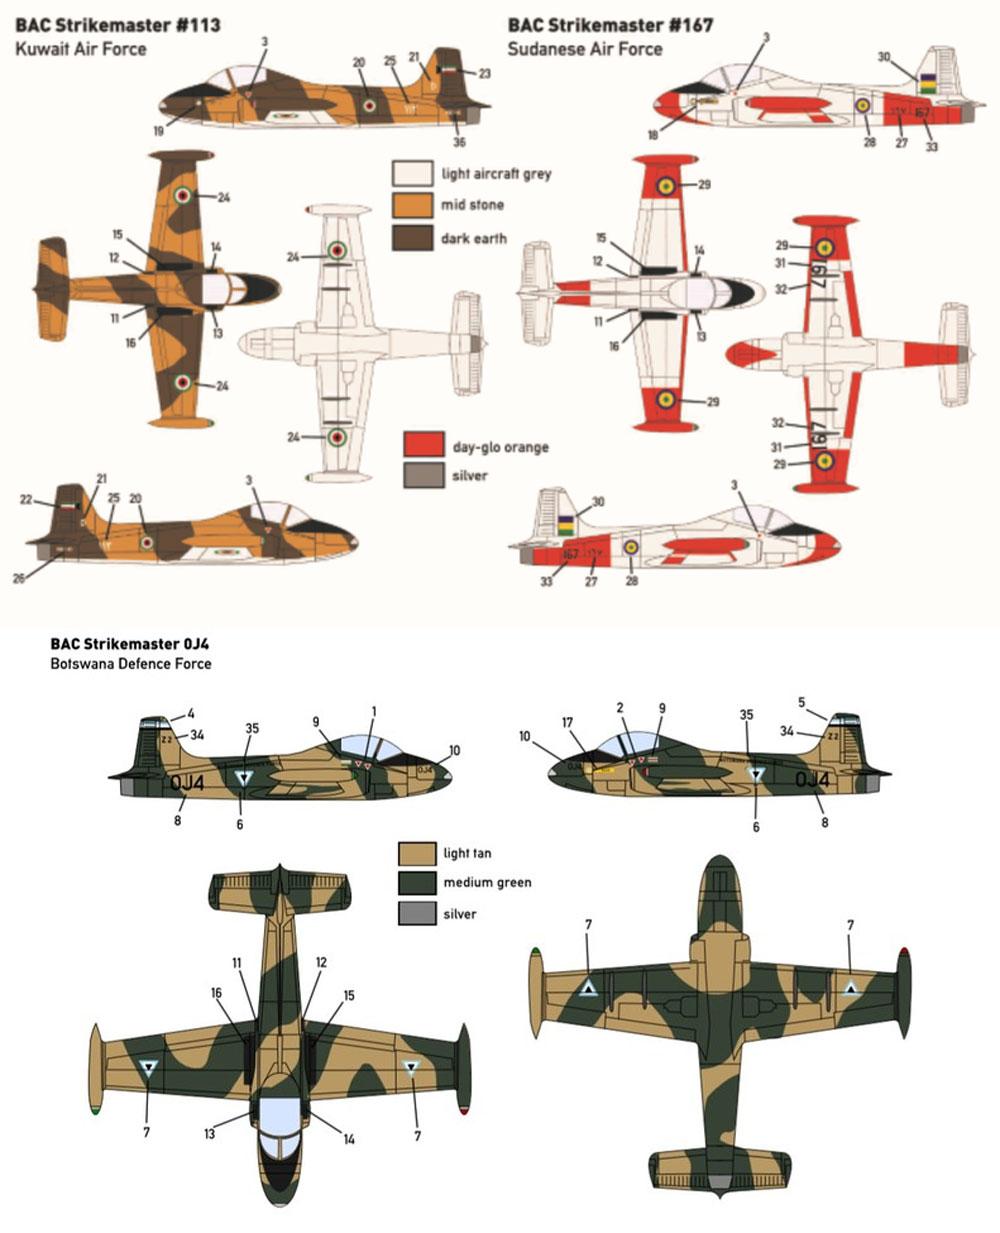 BAC ストライクマスター (クウェート スーダン ボツワナ)プラモデル(ミニウイング1/144 インジェクションキットNo.mini322)商品画像_3